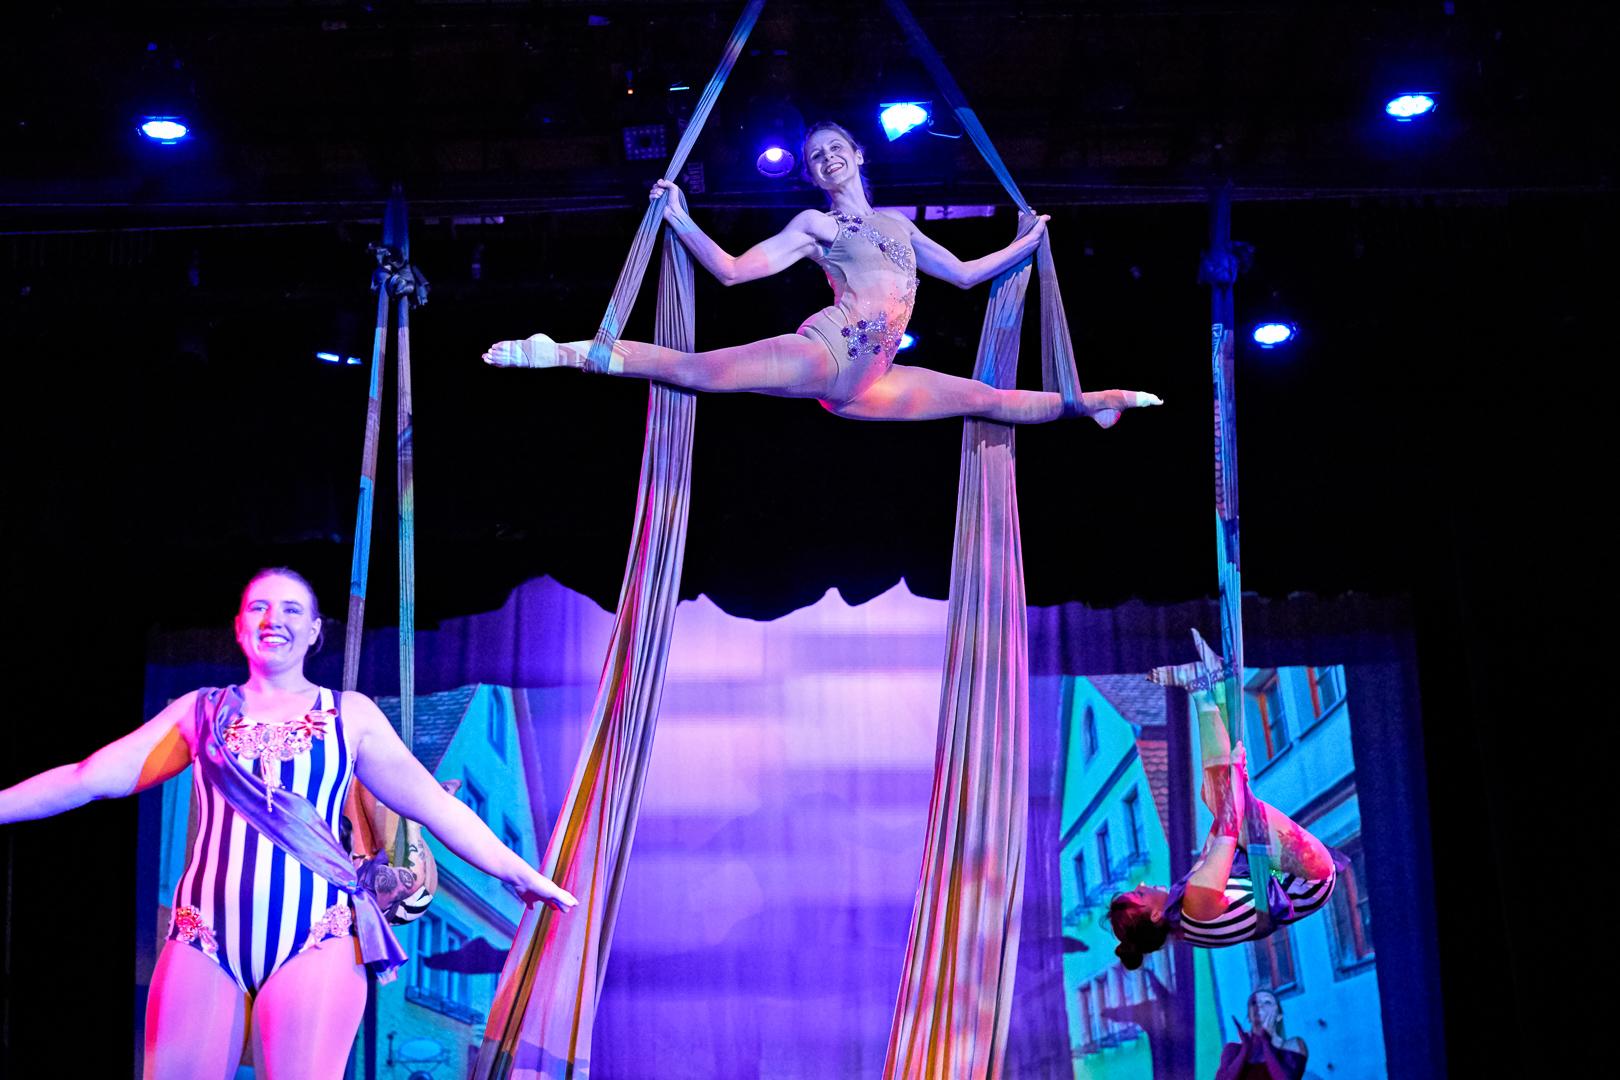 Aeriform Arts' Cirque du Giselle